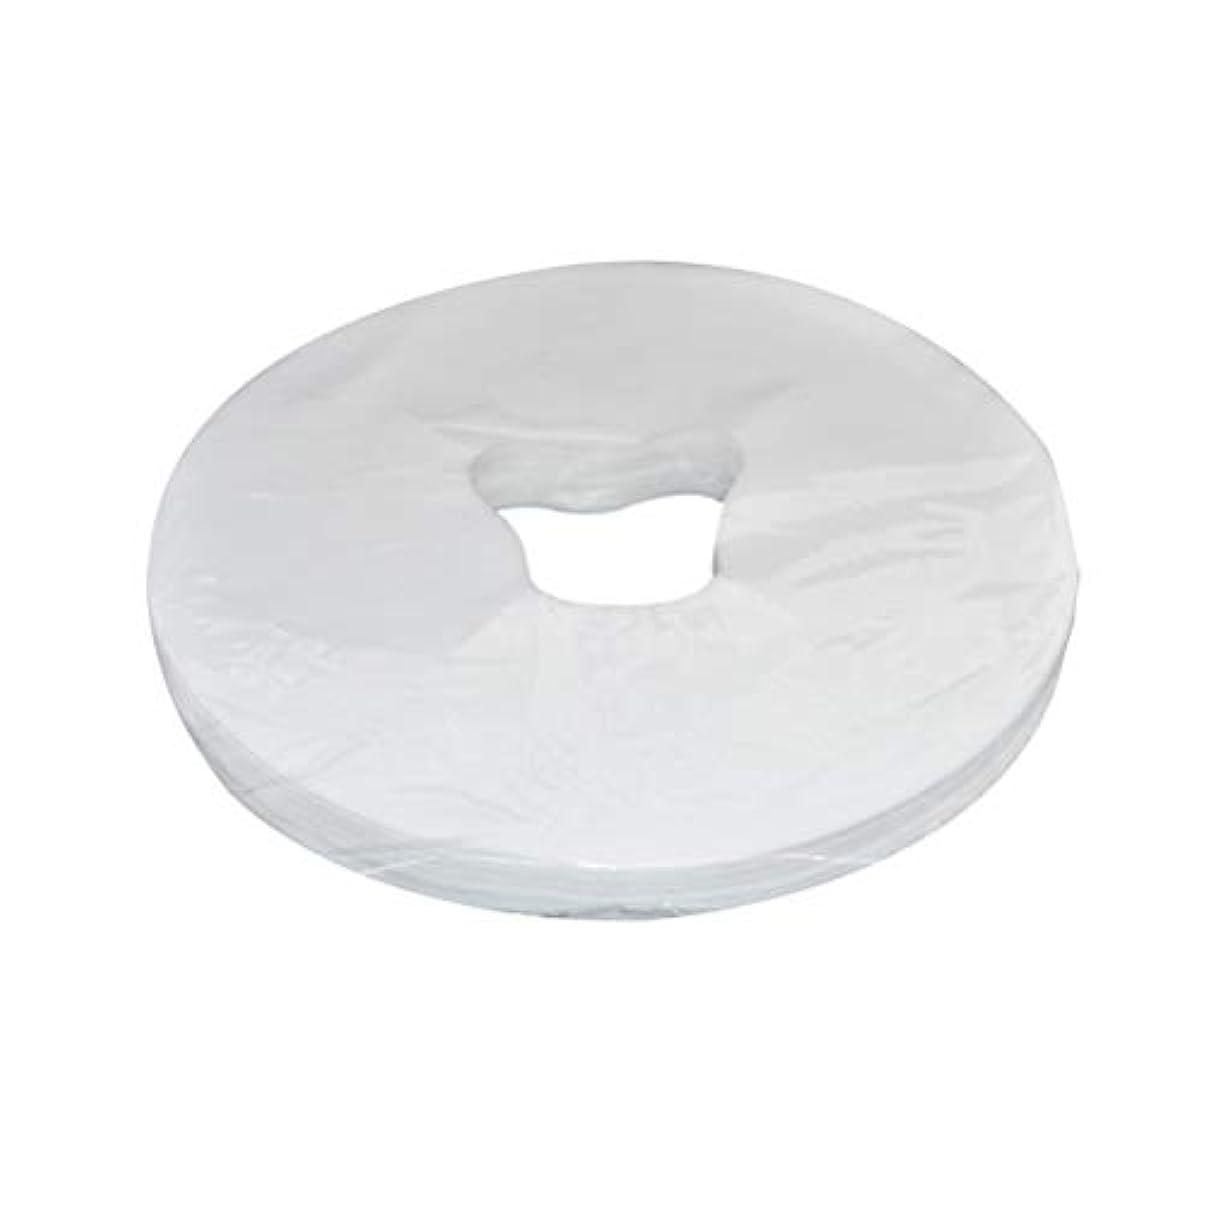 もし赤字腐敗SUPVOX 100シートマッサージフェイスレストカバー使い捨てフェイスクレードルカバーマッサージヘッドレストカバーSPA美容院マッサージタトゥーホテルマットレスカバー29×28 cm(ホワイト)